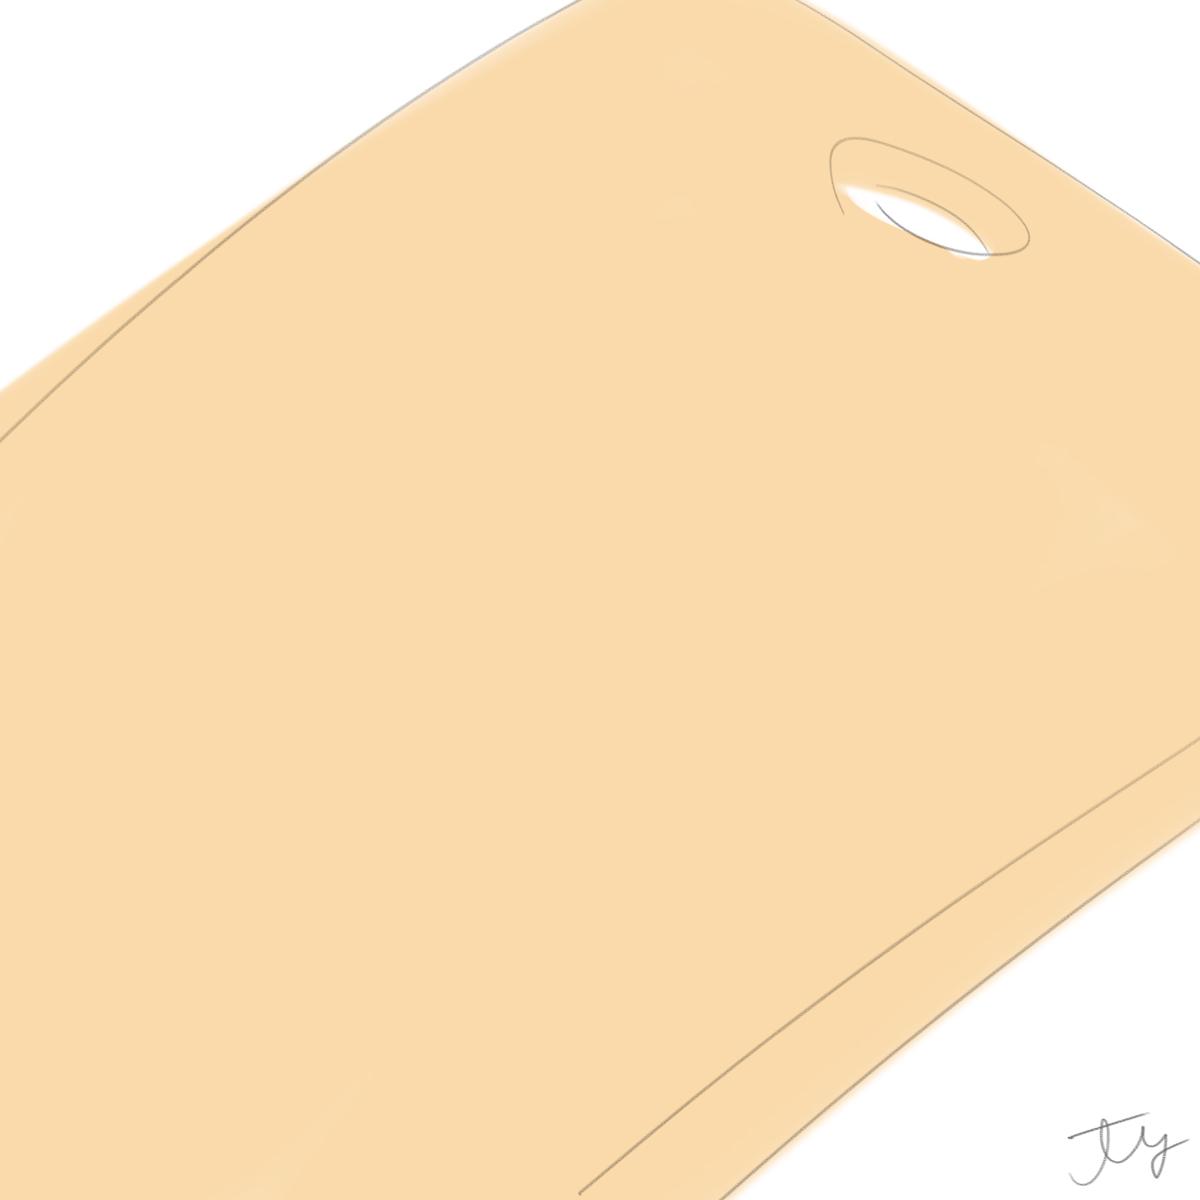 f:id:tsuyu-kusa:20210228130721j:plain